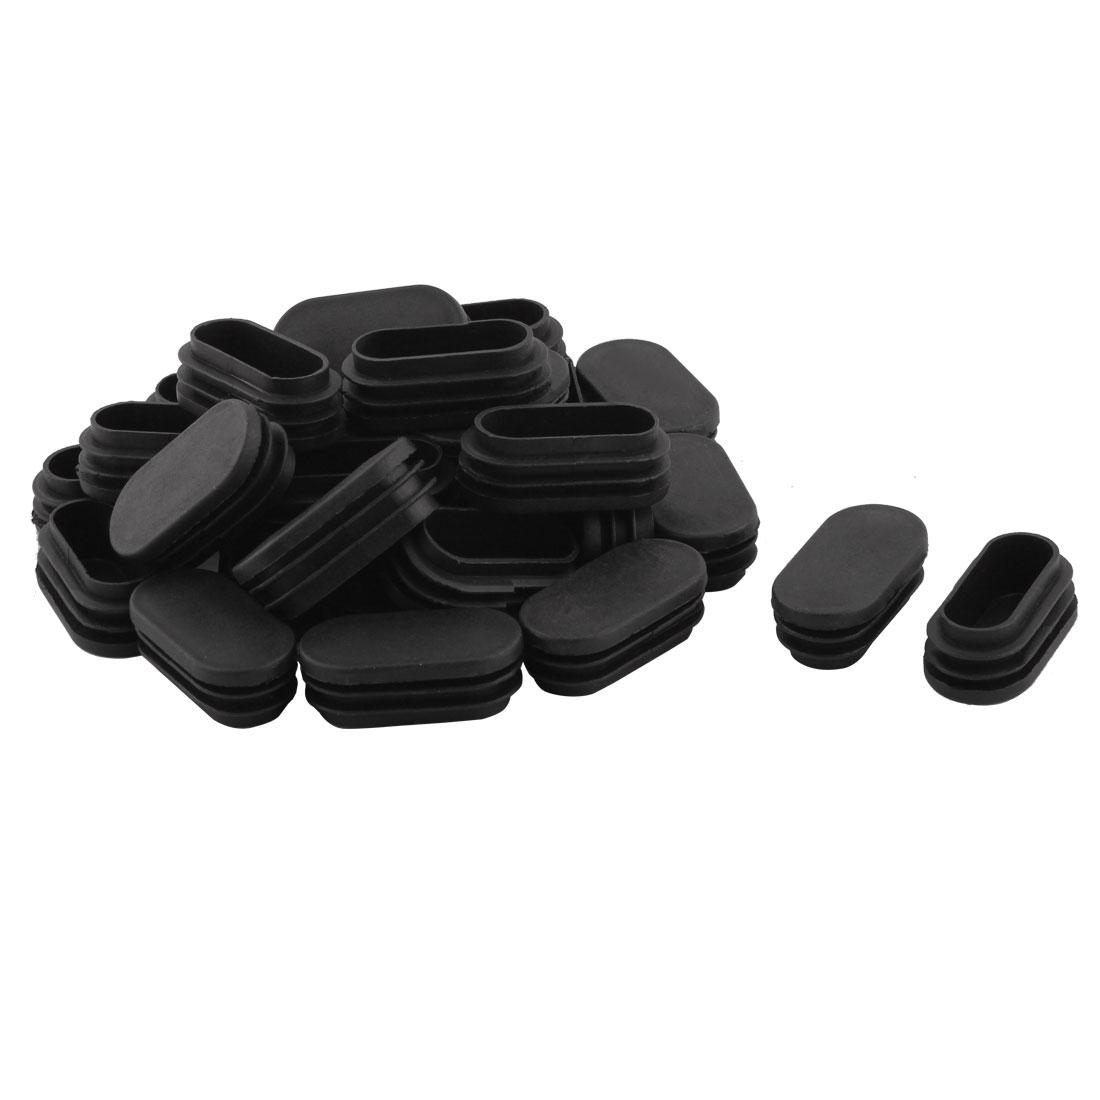 Household Plastic Rectangular Shaped Chair Leg Tube Pipe Insert Black 5 x 2.5cm 30 PCS